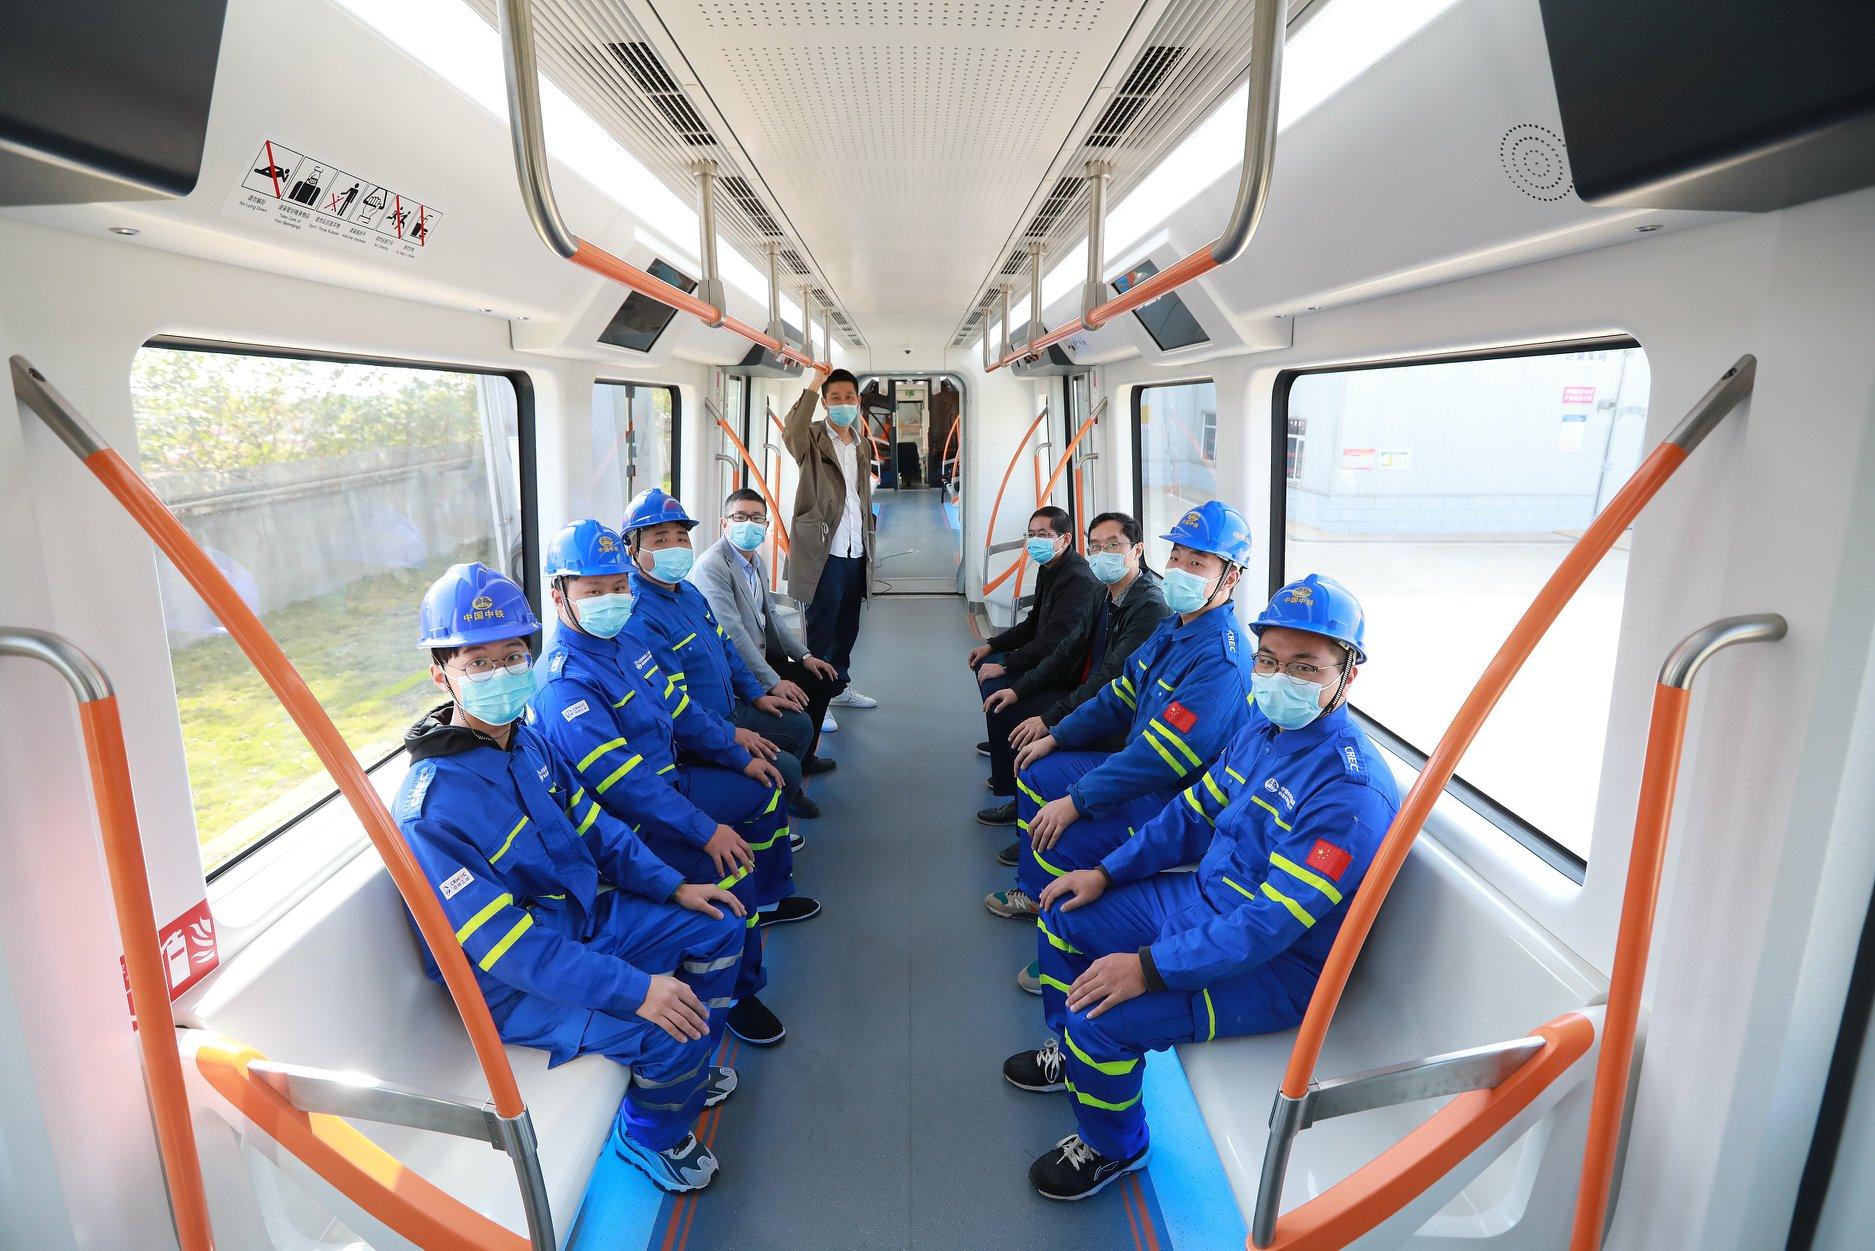 У Китаї відбулися успішні випробування першого безпілотного підвісного потяга: фото